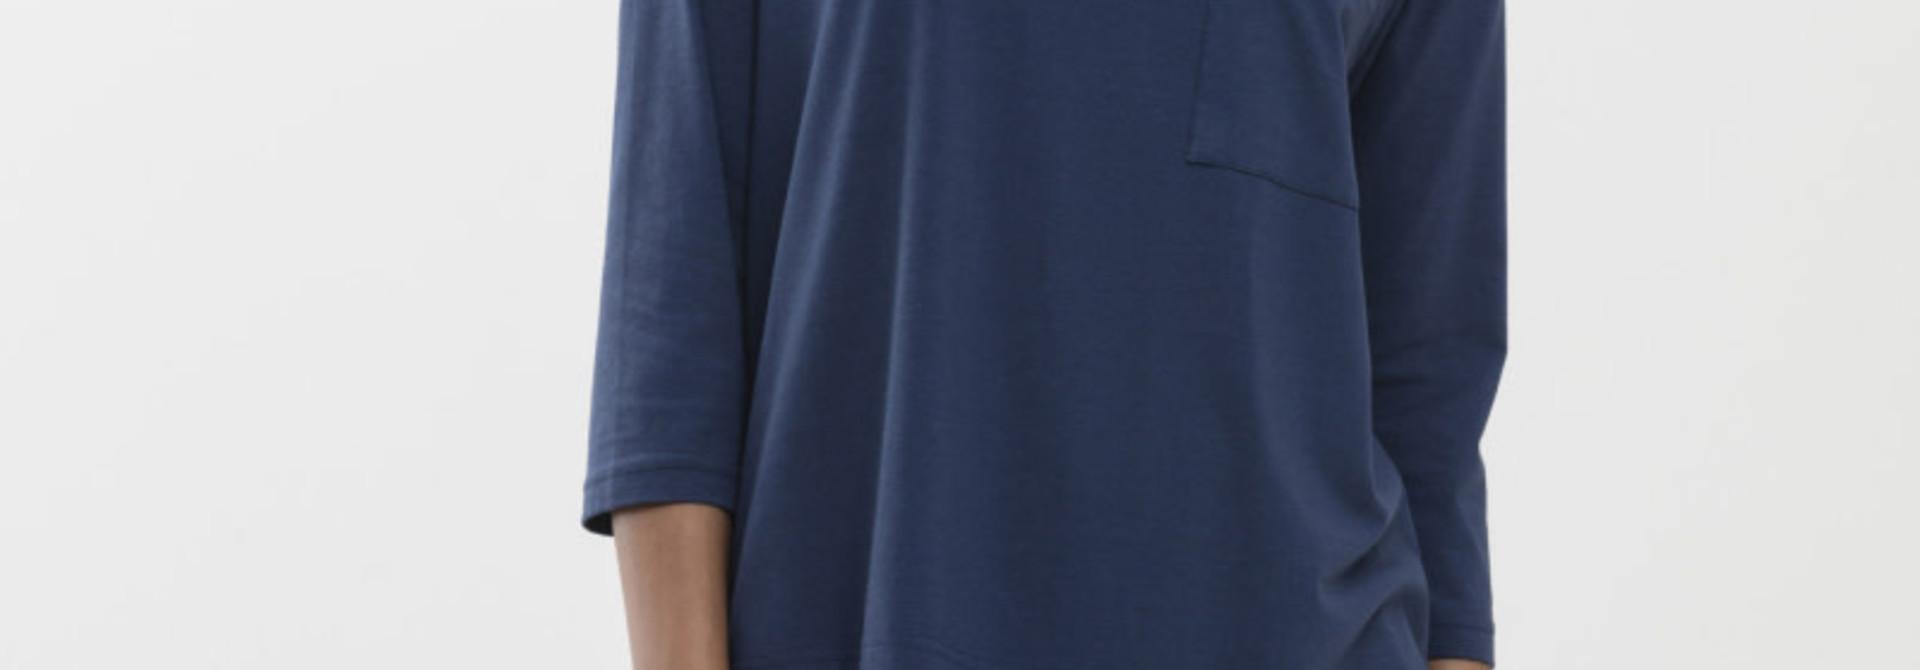 T-shirt 3/4 mouw Liah Night2day 16110 - blauw